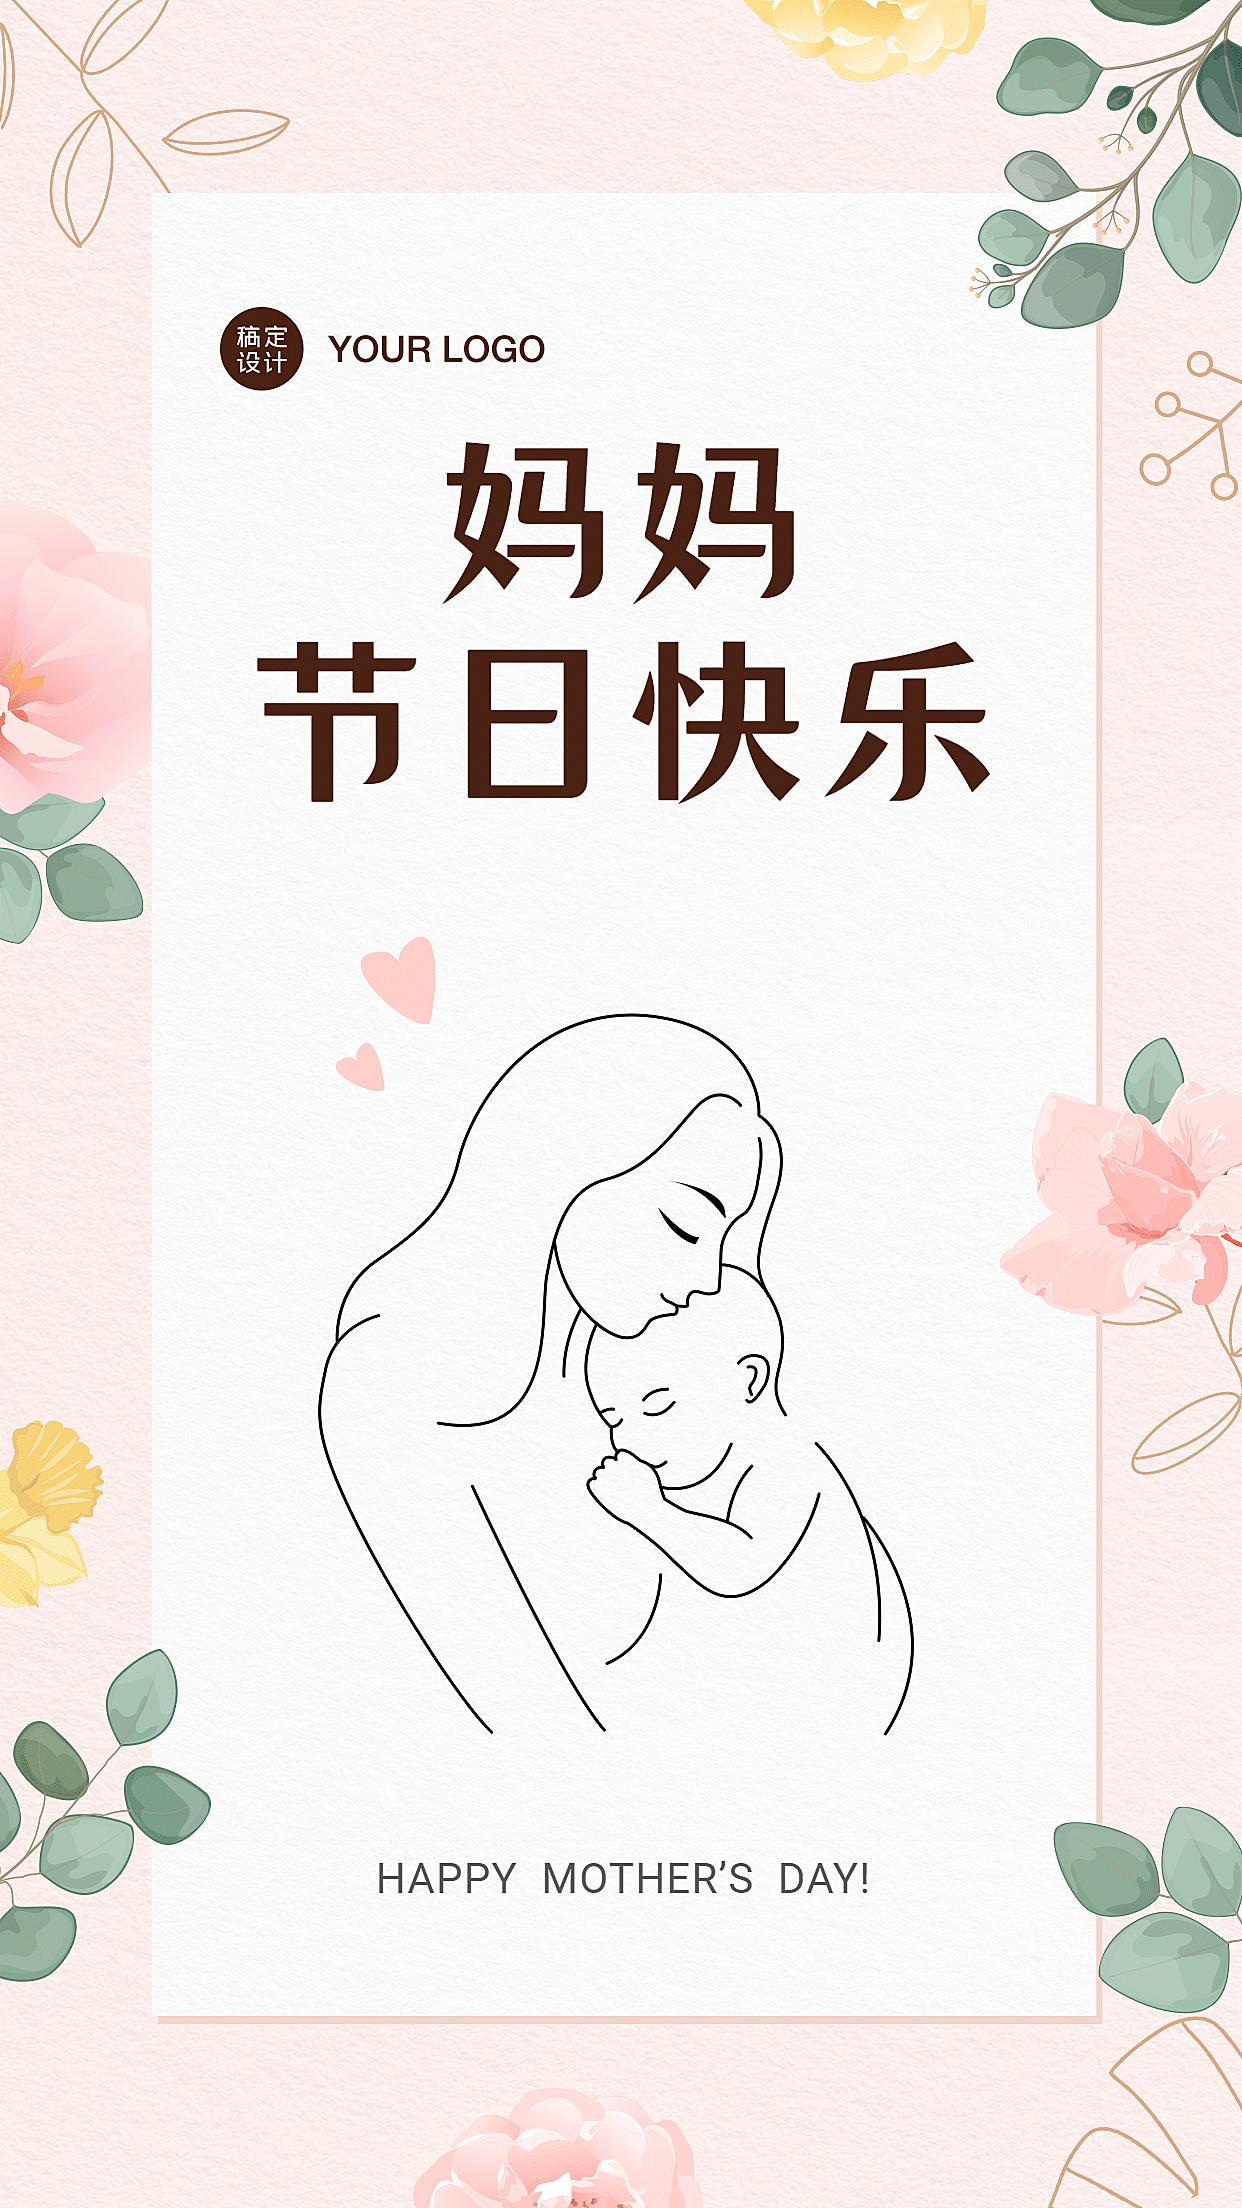 感恩母亲节清新节日祝福贺卡海报